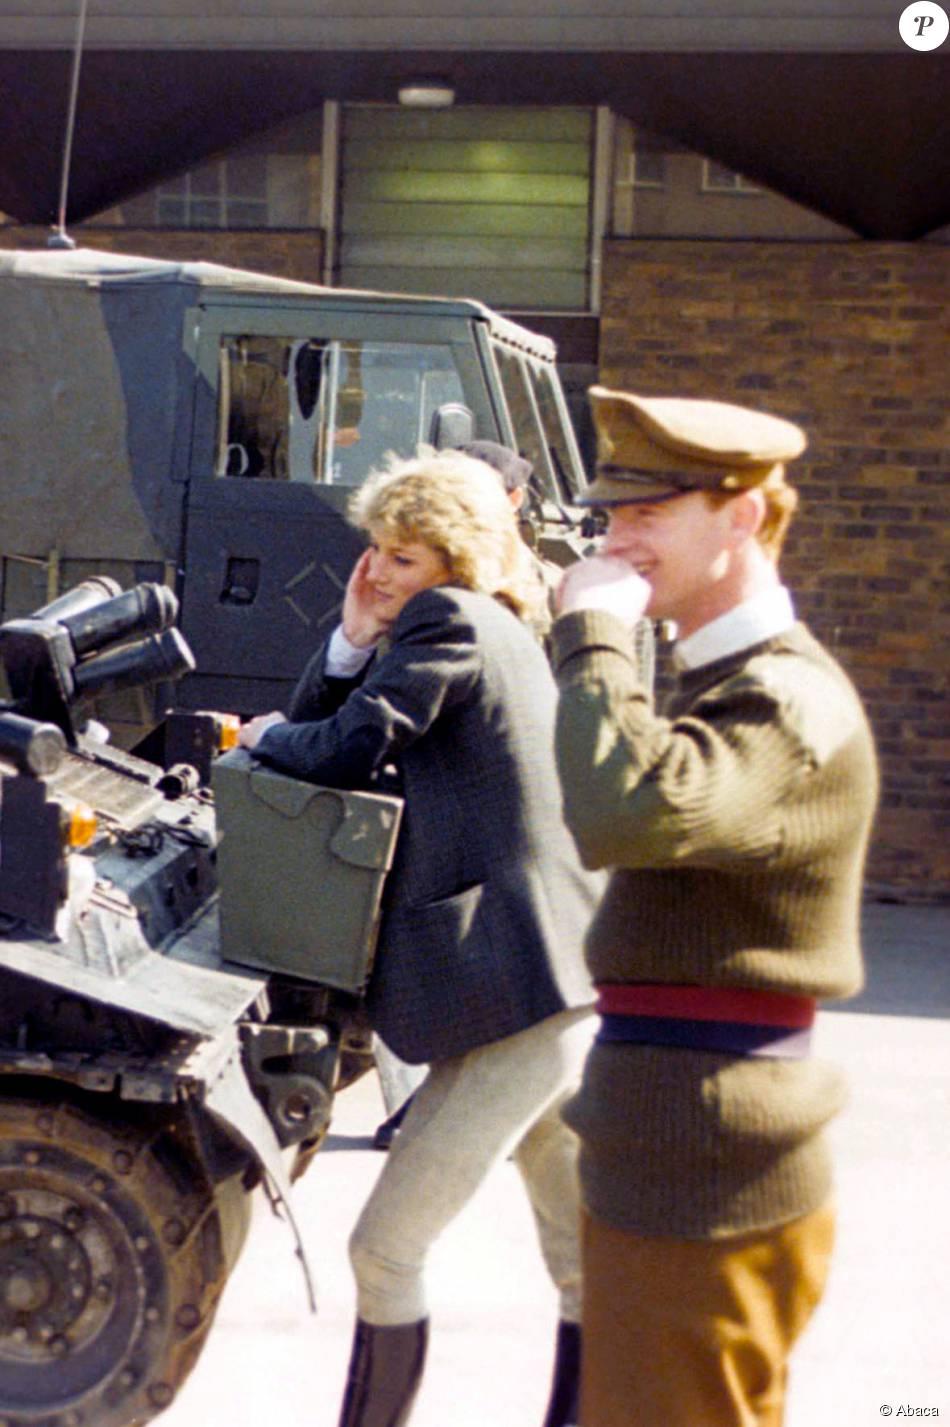 Lady Di et le major James Hewitt, qui ont vécu une histoire d'amour de la fin des années 1980 au début des années 1990, dans une base militaire britannique.